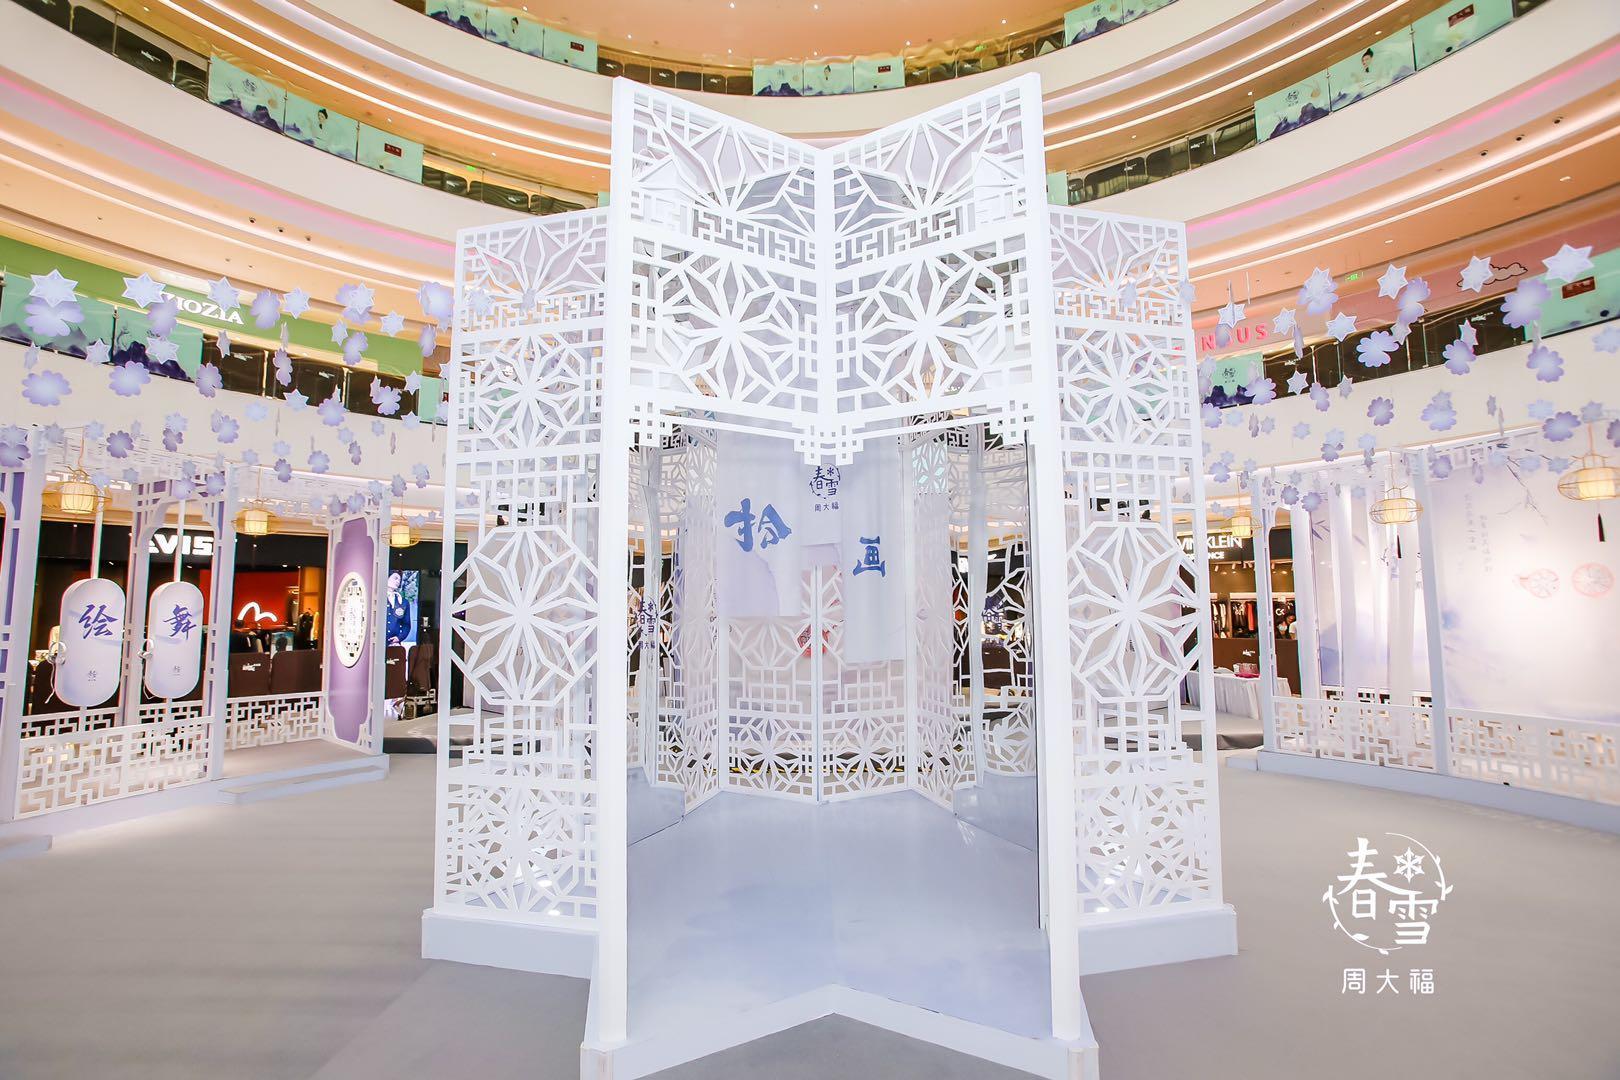 周大福春雪概念艺术展|和林允徜徉在姑苏庭院之间邂逅一场春雪